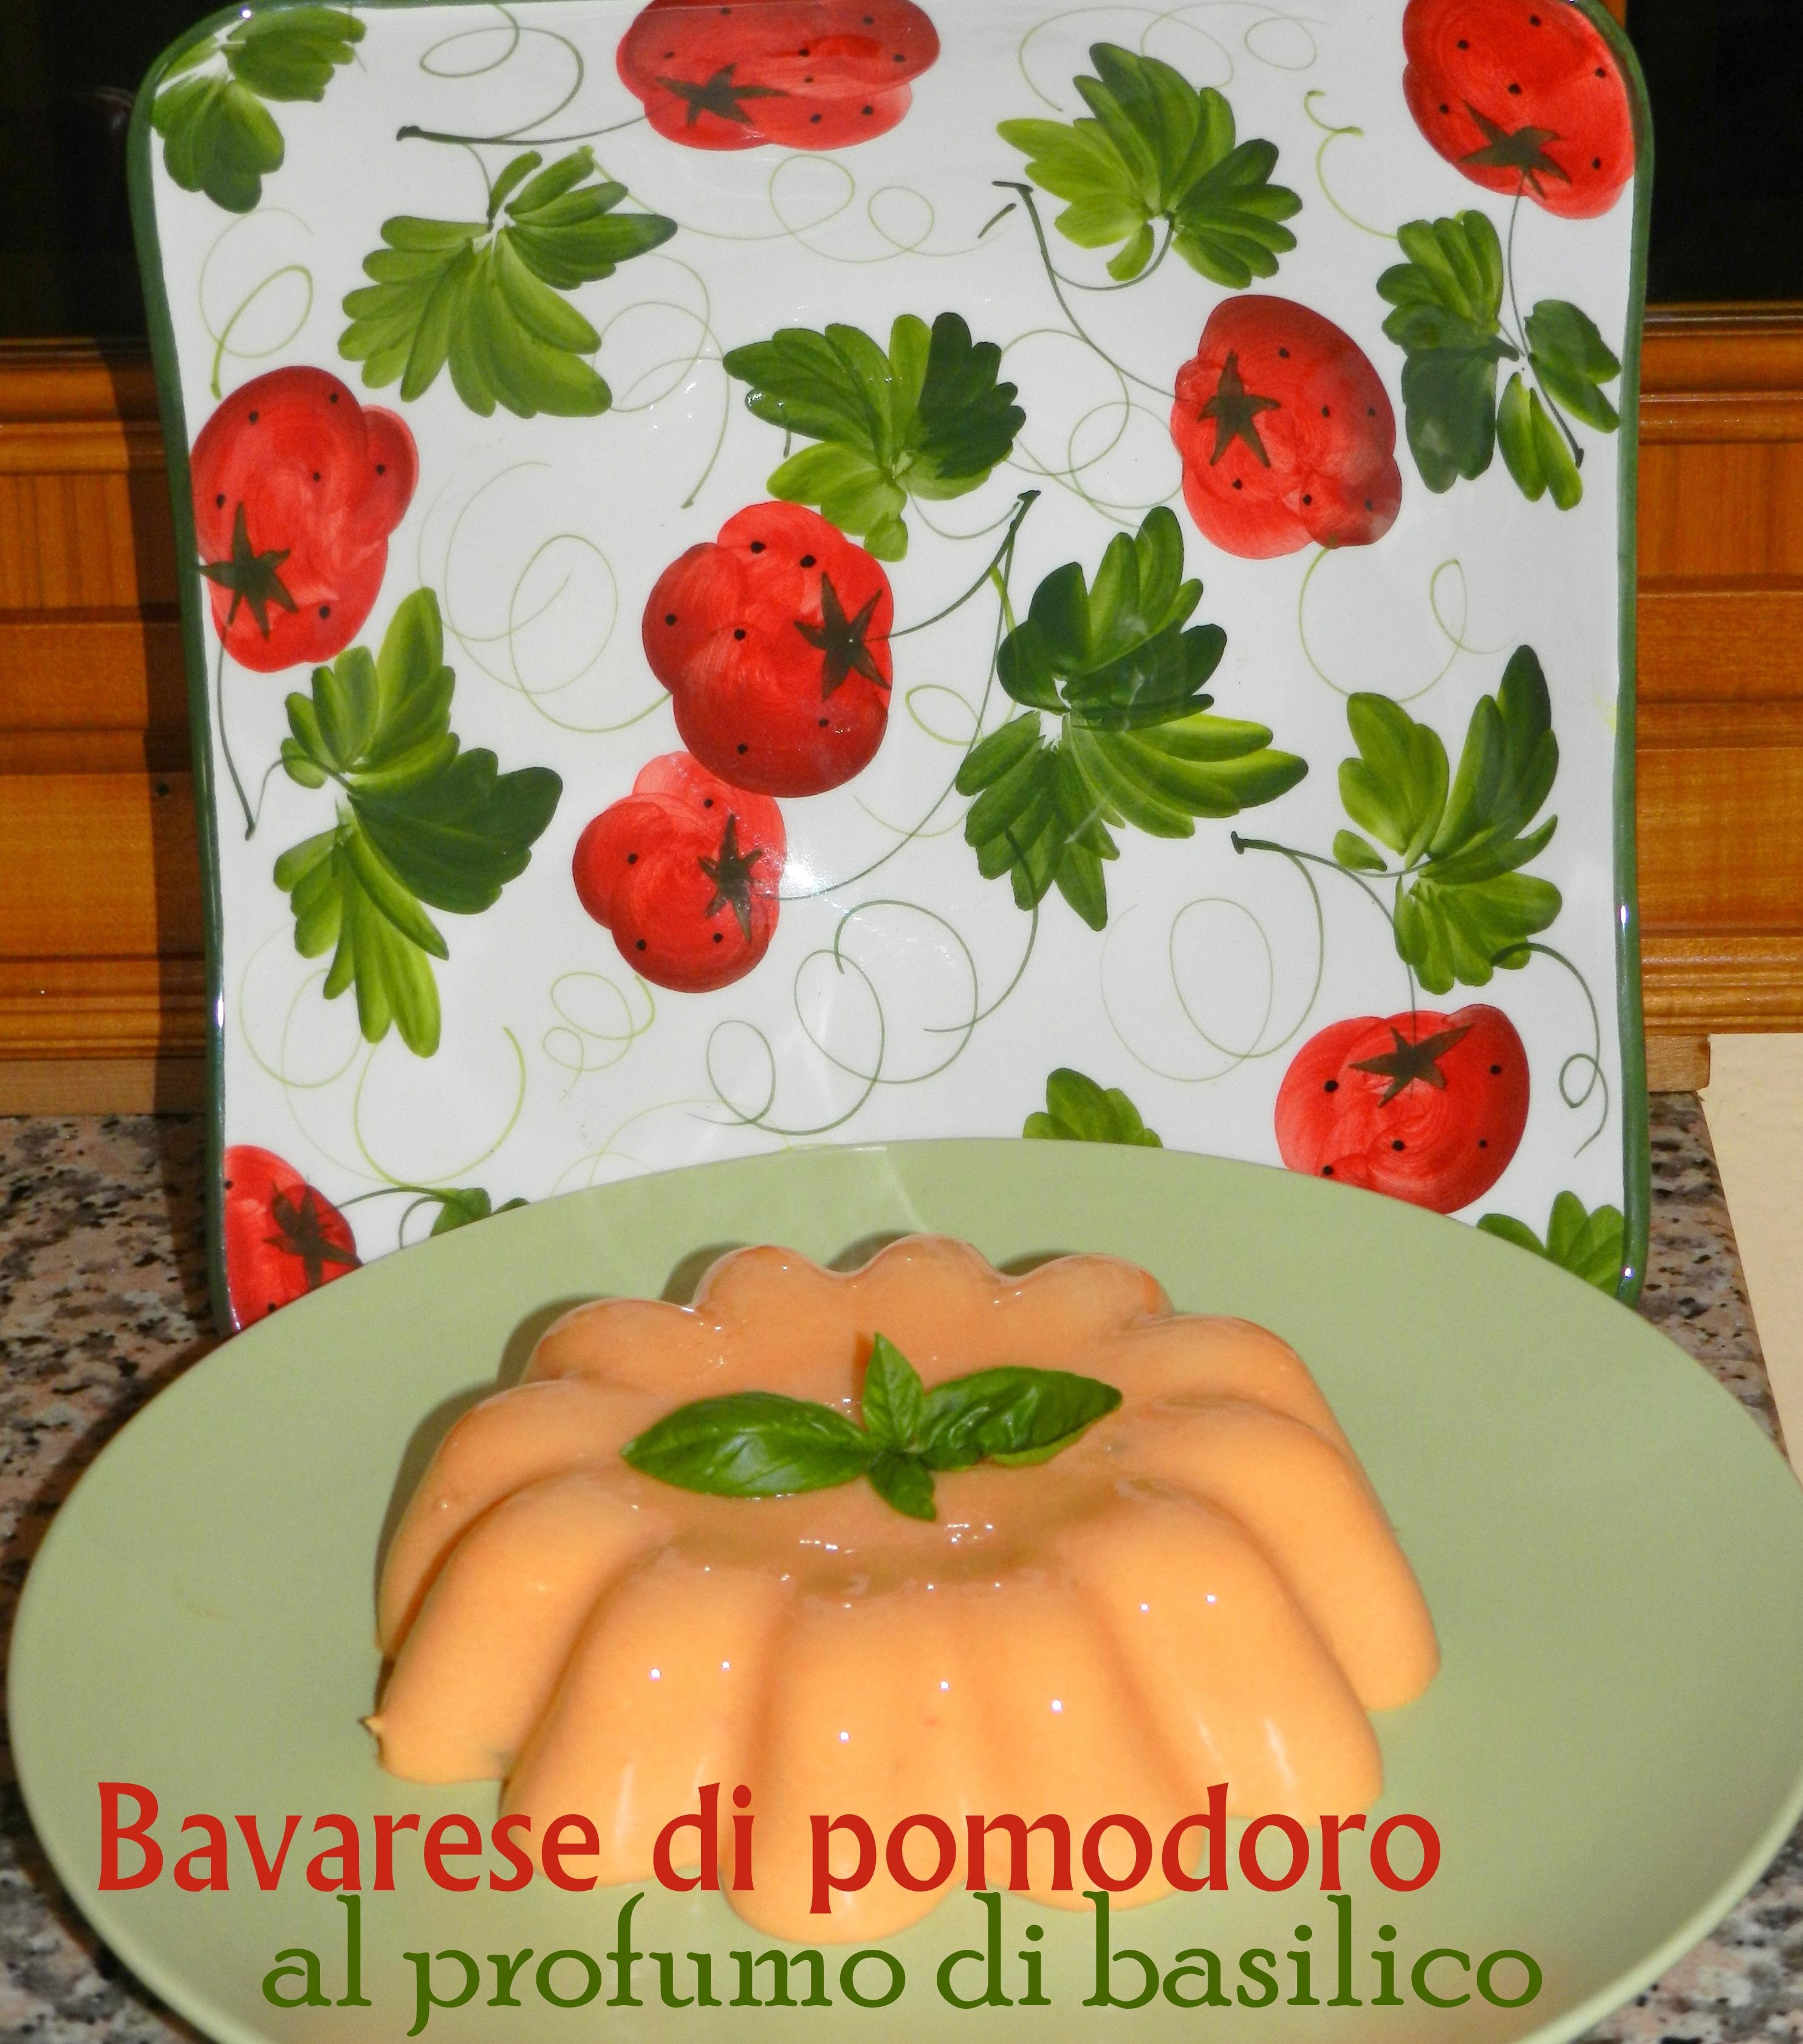 bavarese-di-pomodoro-al-profumo-di-basilico